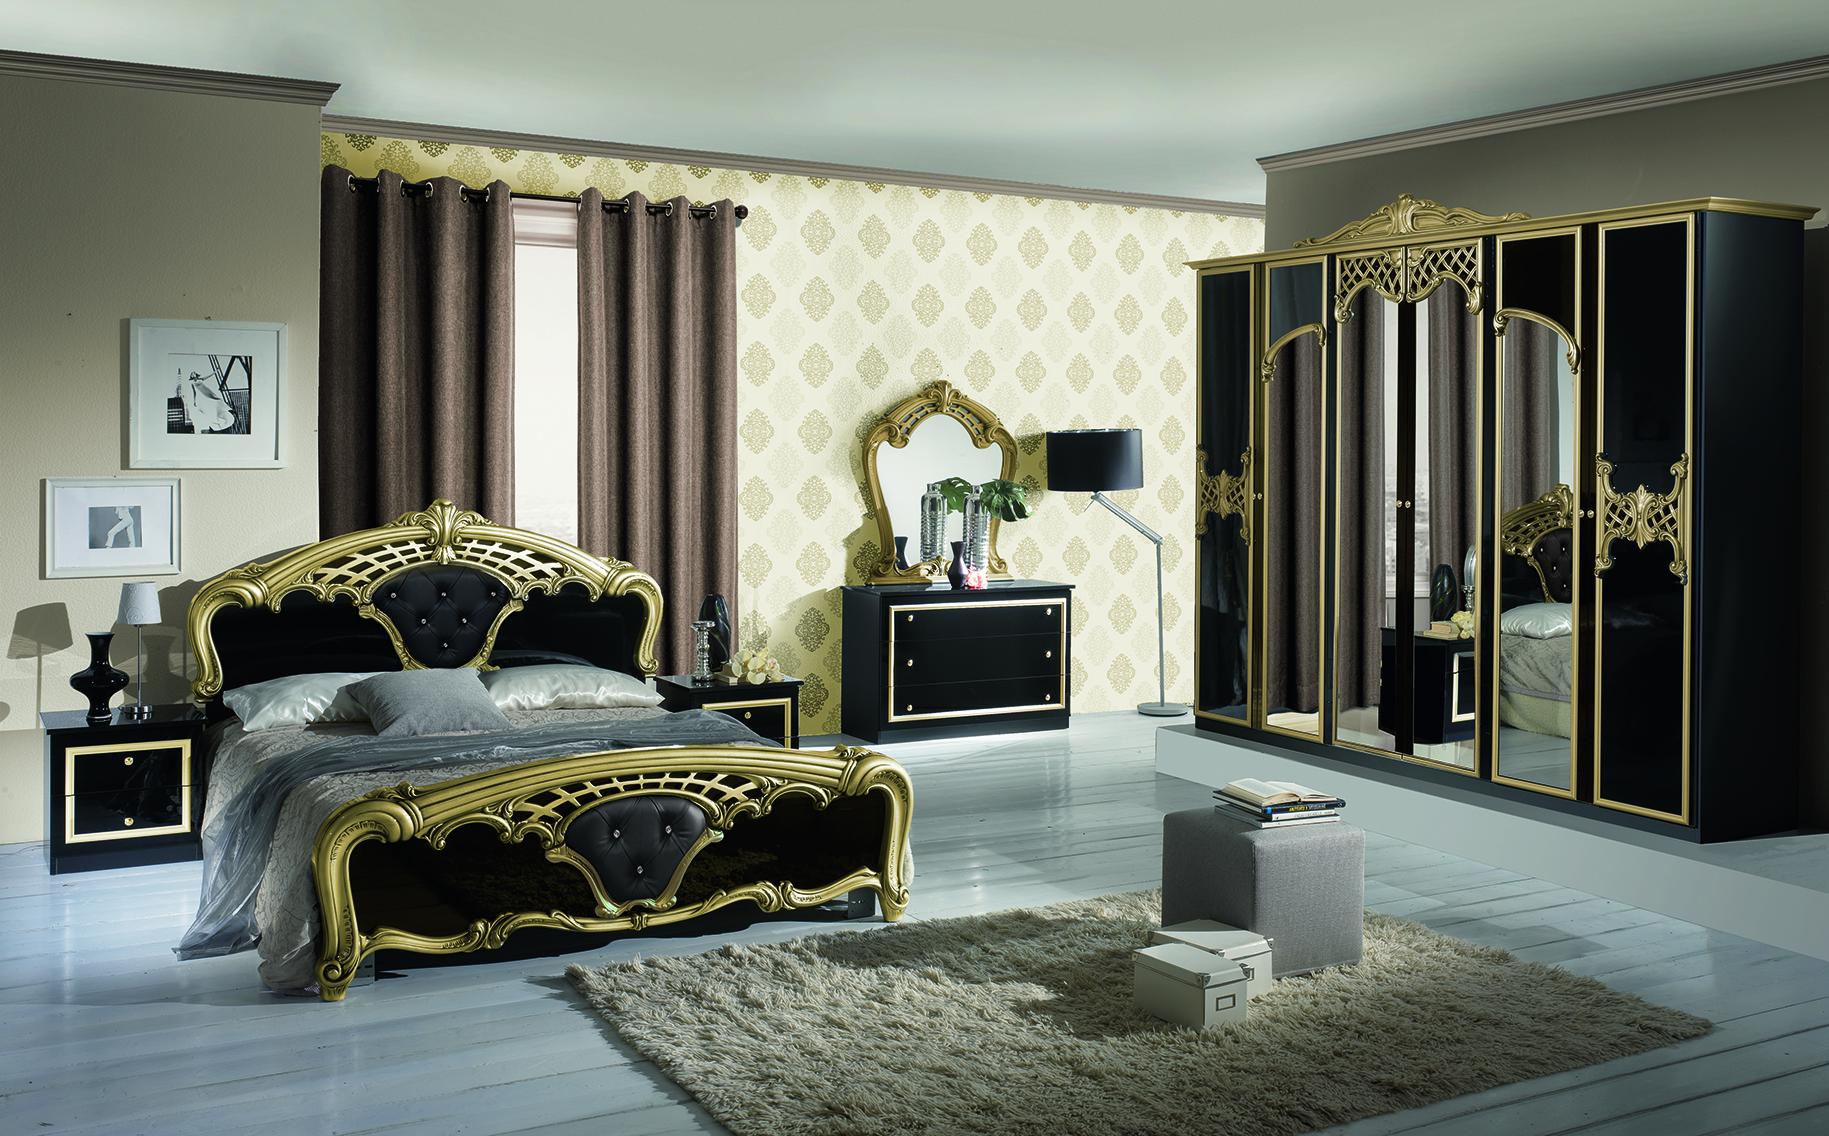 Schlafzimmer Set Elisa Weiss Gold 7-teilig 180x200 cm / mit Schrank ...